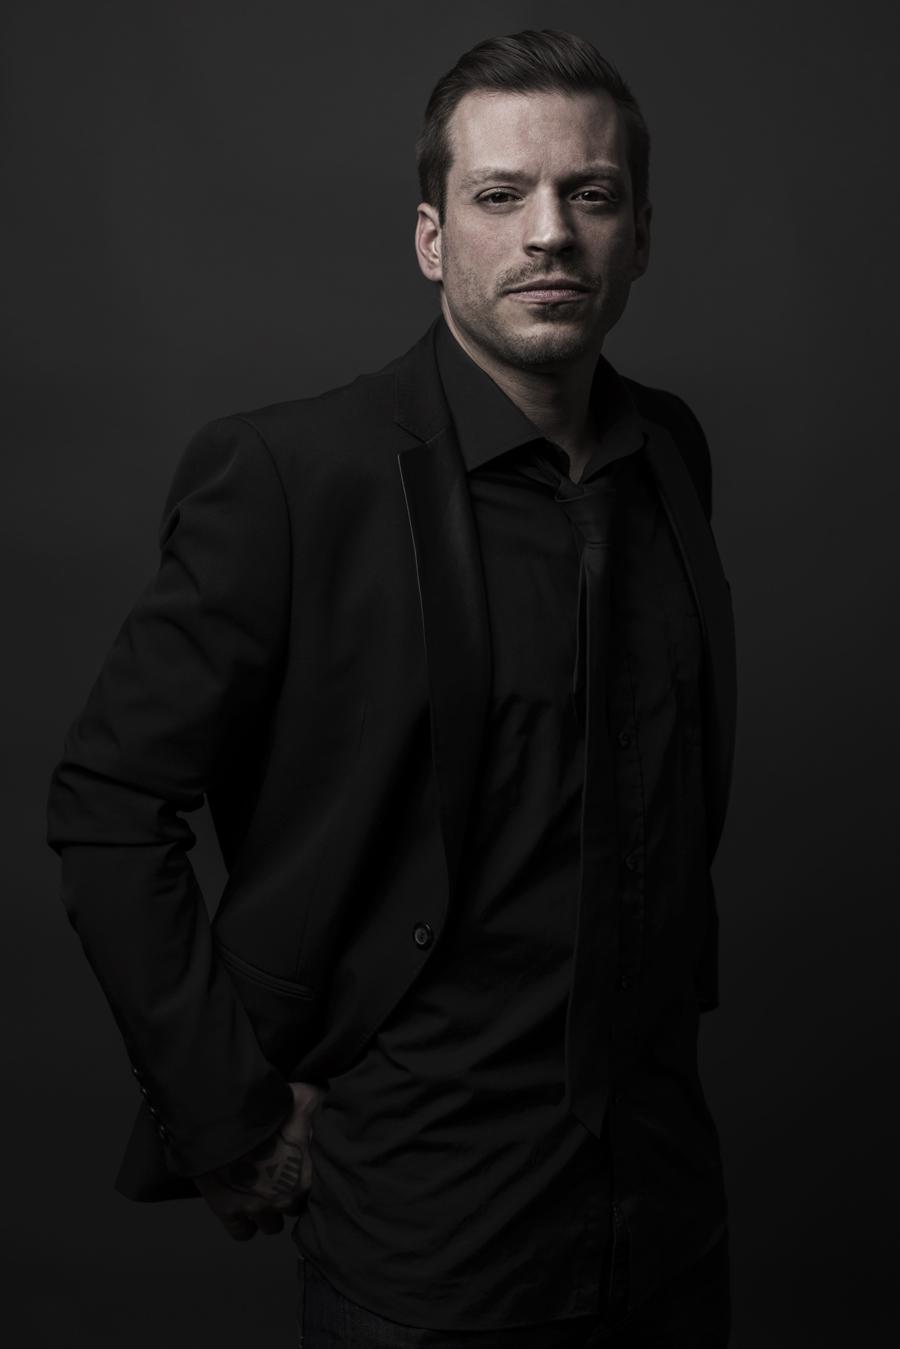 Ruben W. Meier